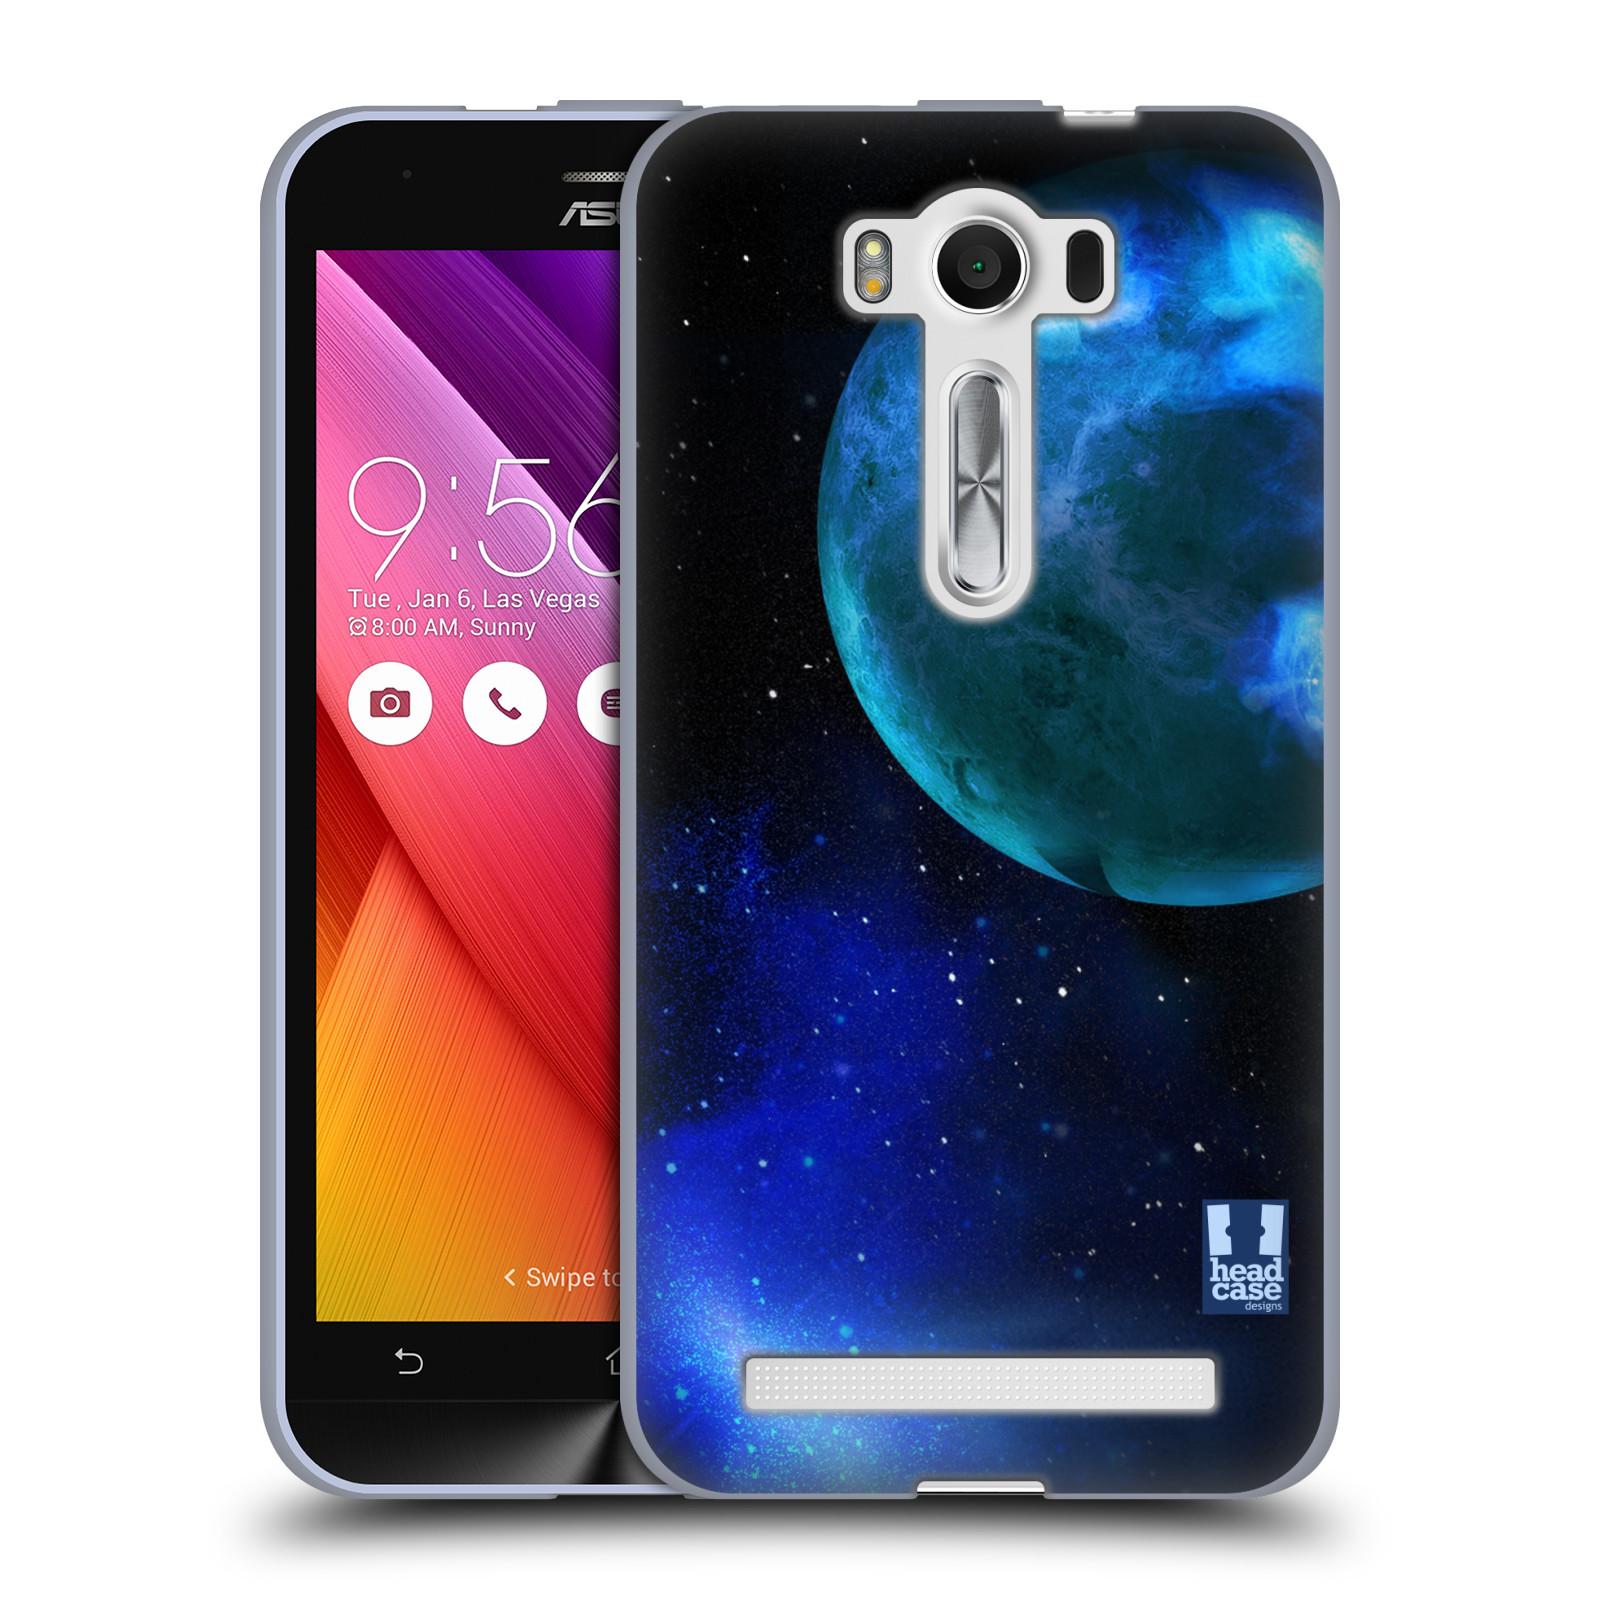 """Silikonové pouzdro na mobil Asus ZenFone 2 Laser ZE500KL HEAD CASE VENUŠE (Silikonový kryt či obal na mobilní telefon Asus ZenFone 2 Laser ZE500KL s 5"""" displejem)"""